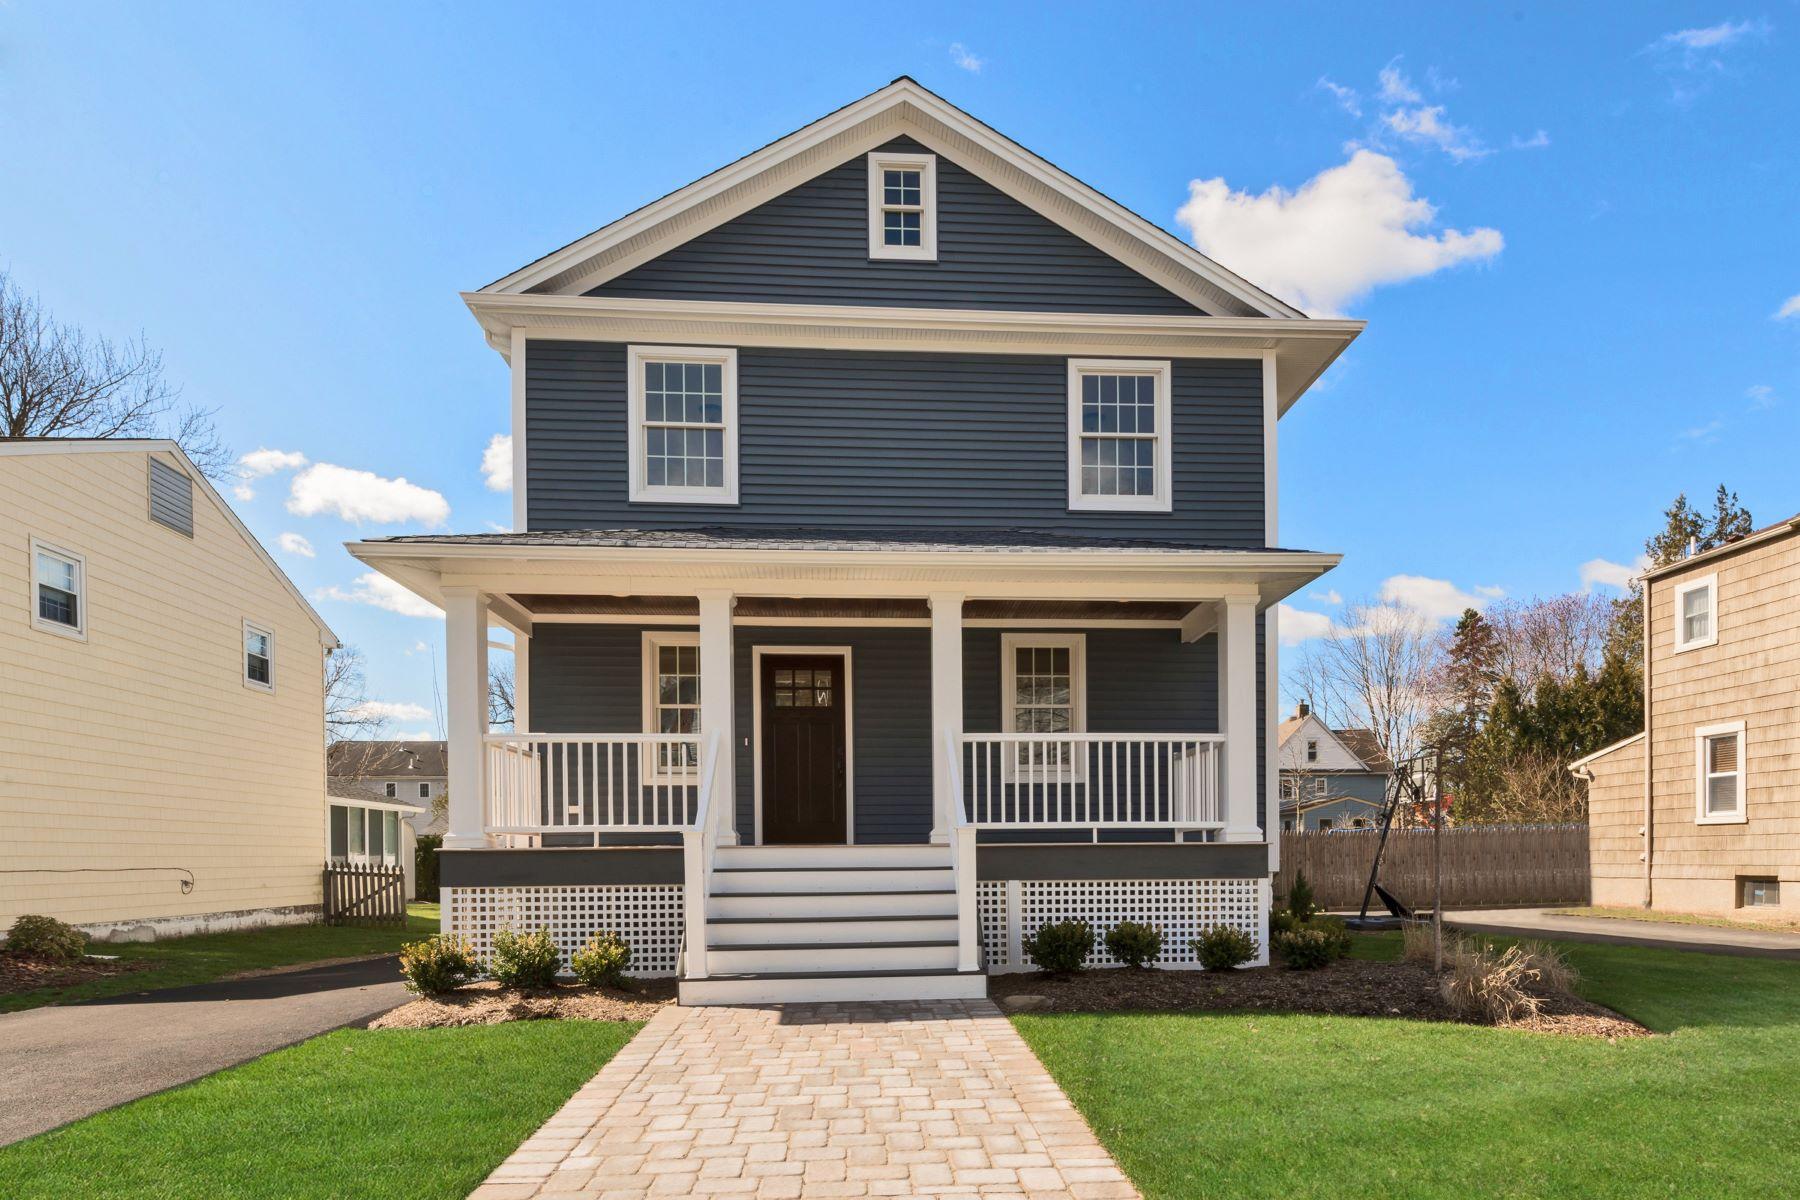 Частный односемейный дом для того Продажа на Impressive New Construction 22 Bergen Avenue Waldwick, Нью-Джерси 07463 Соединенные Штаты